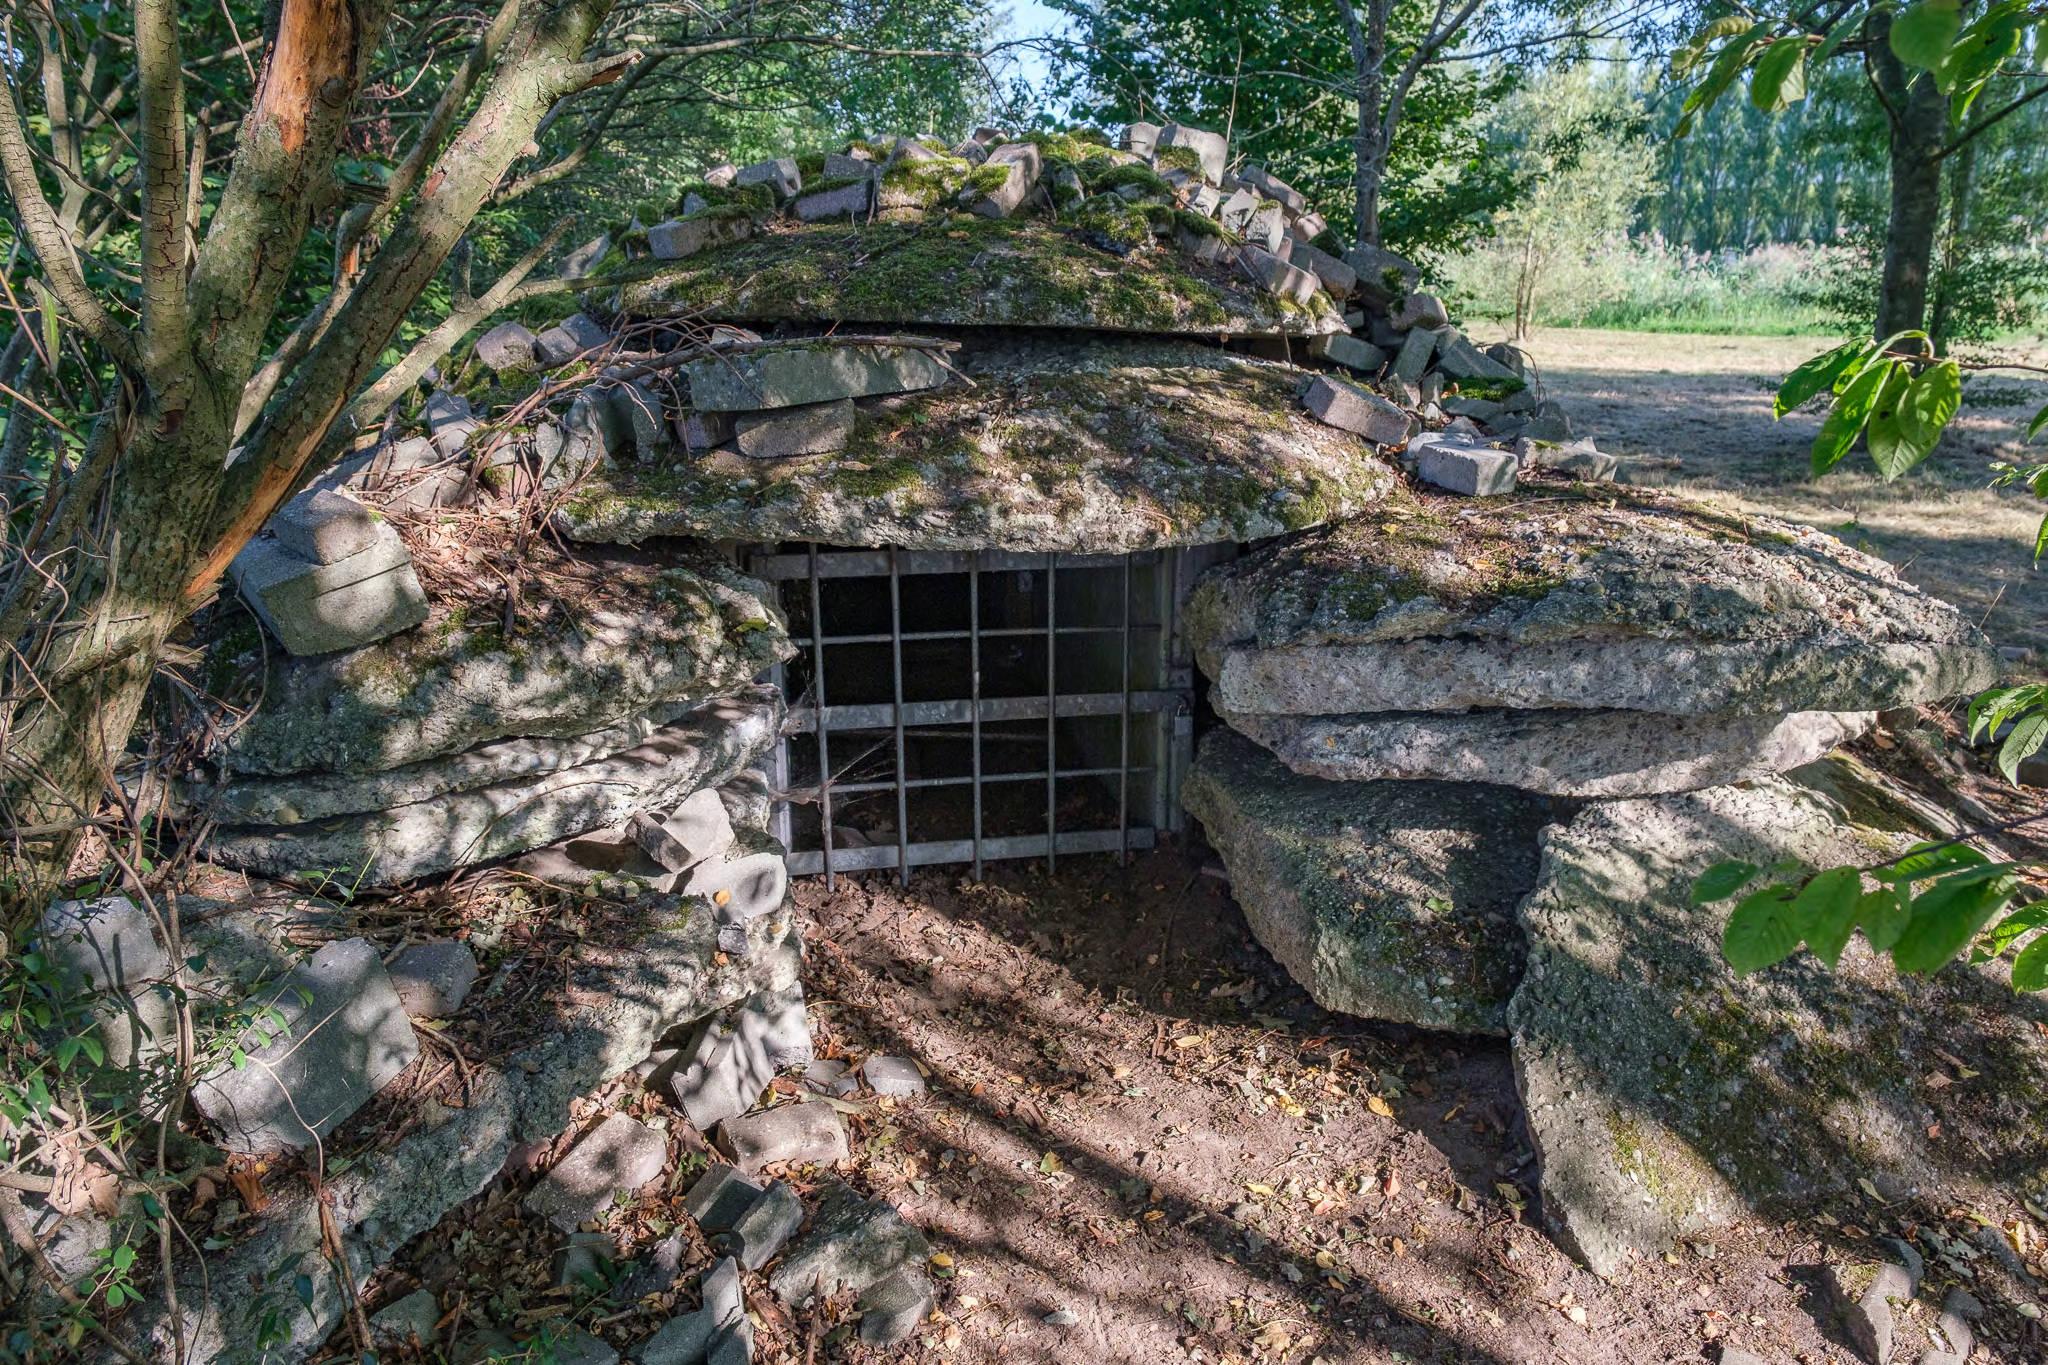 Vleermuizenwal / Bat Cave, Krijn Giezen (1998)